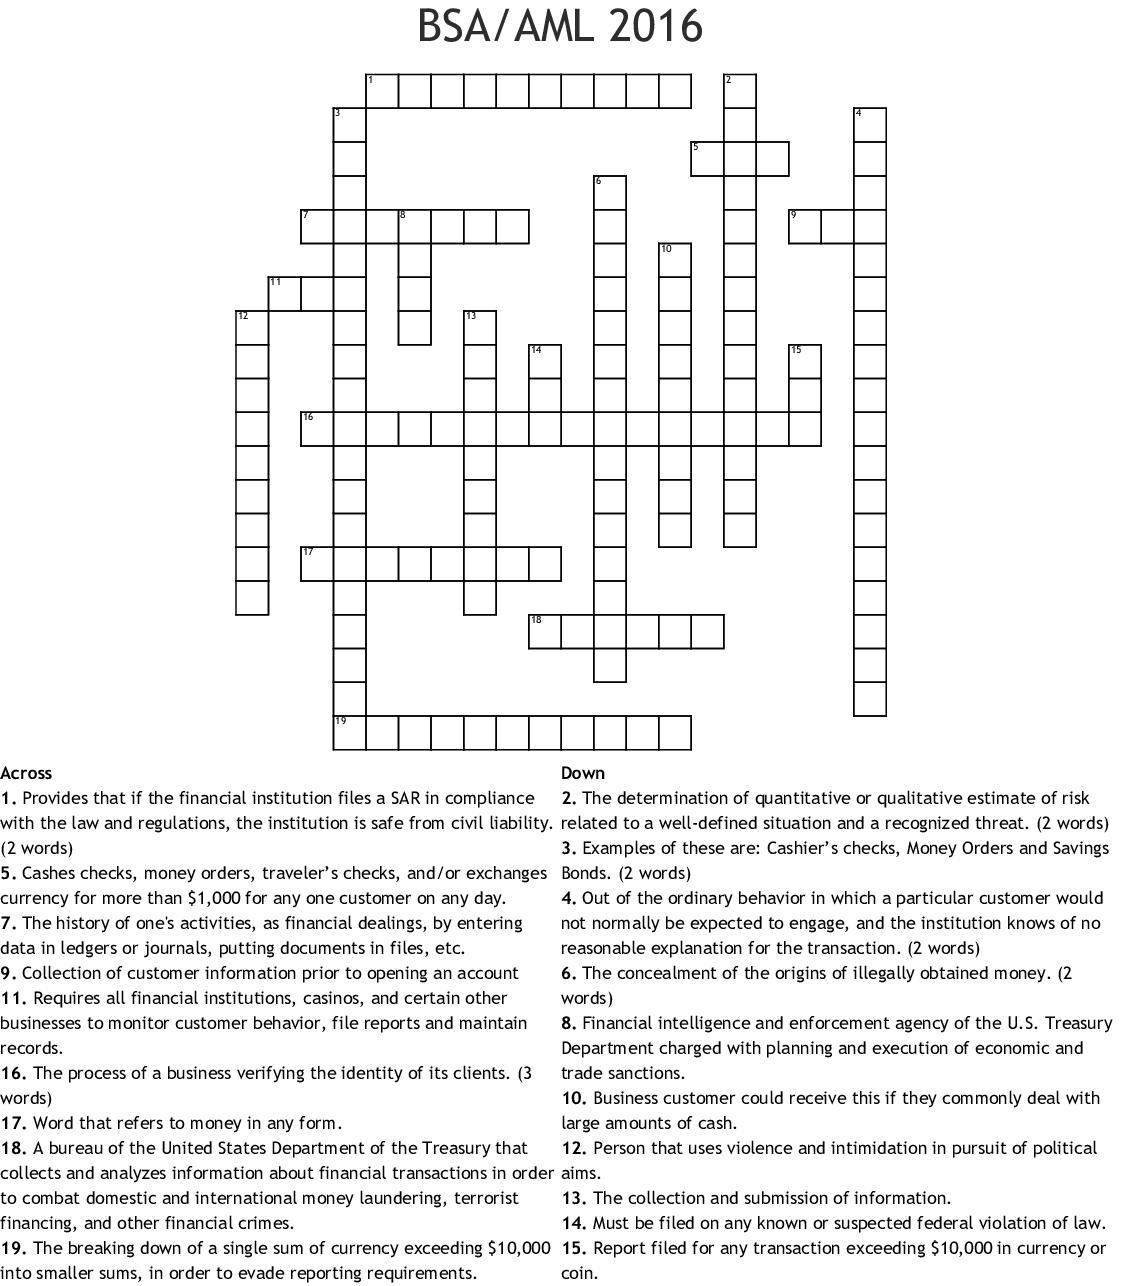 Bank Secrecy Act Crossword